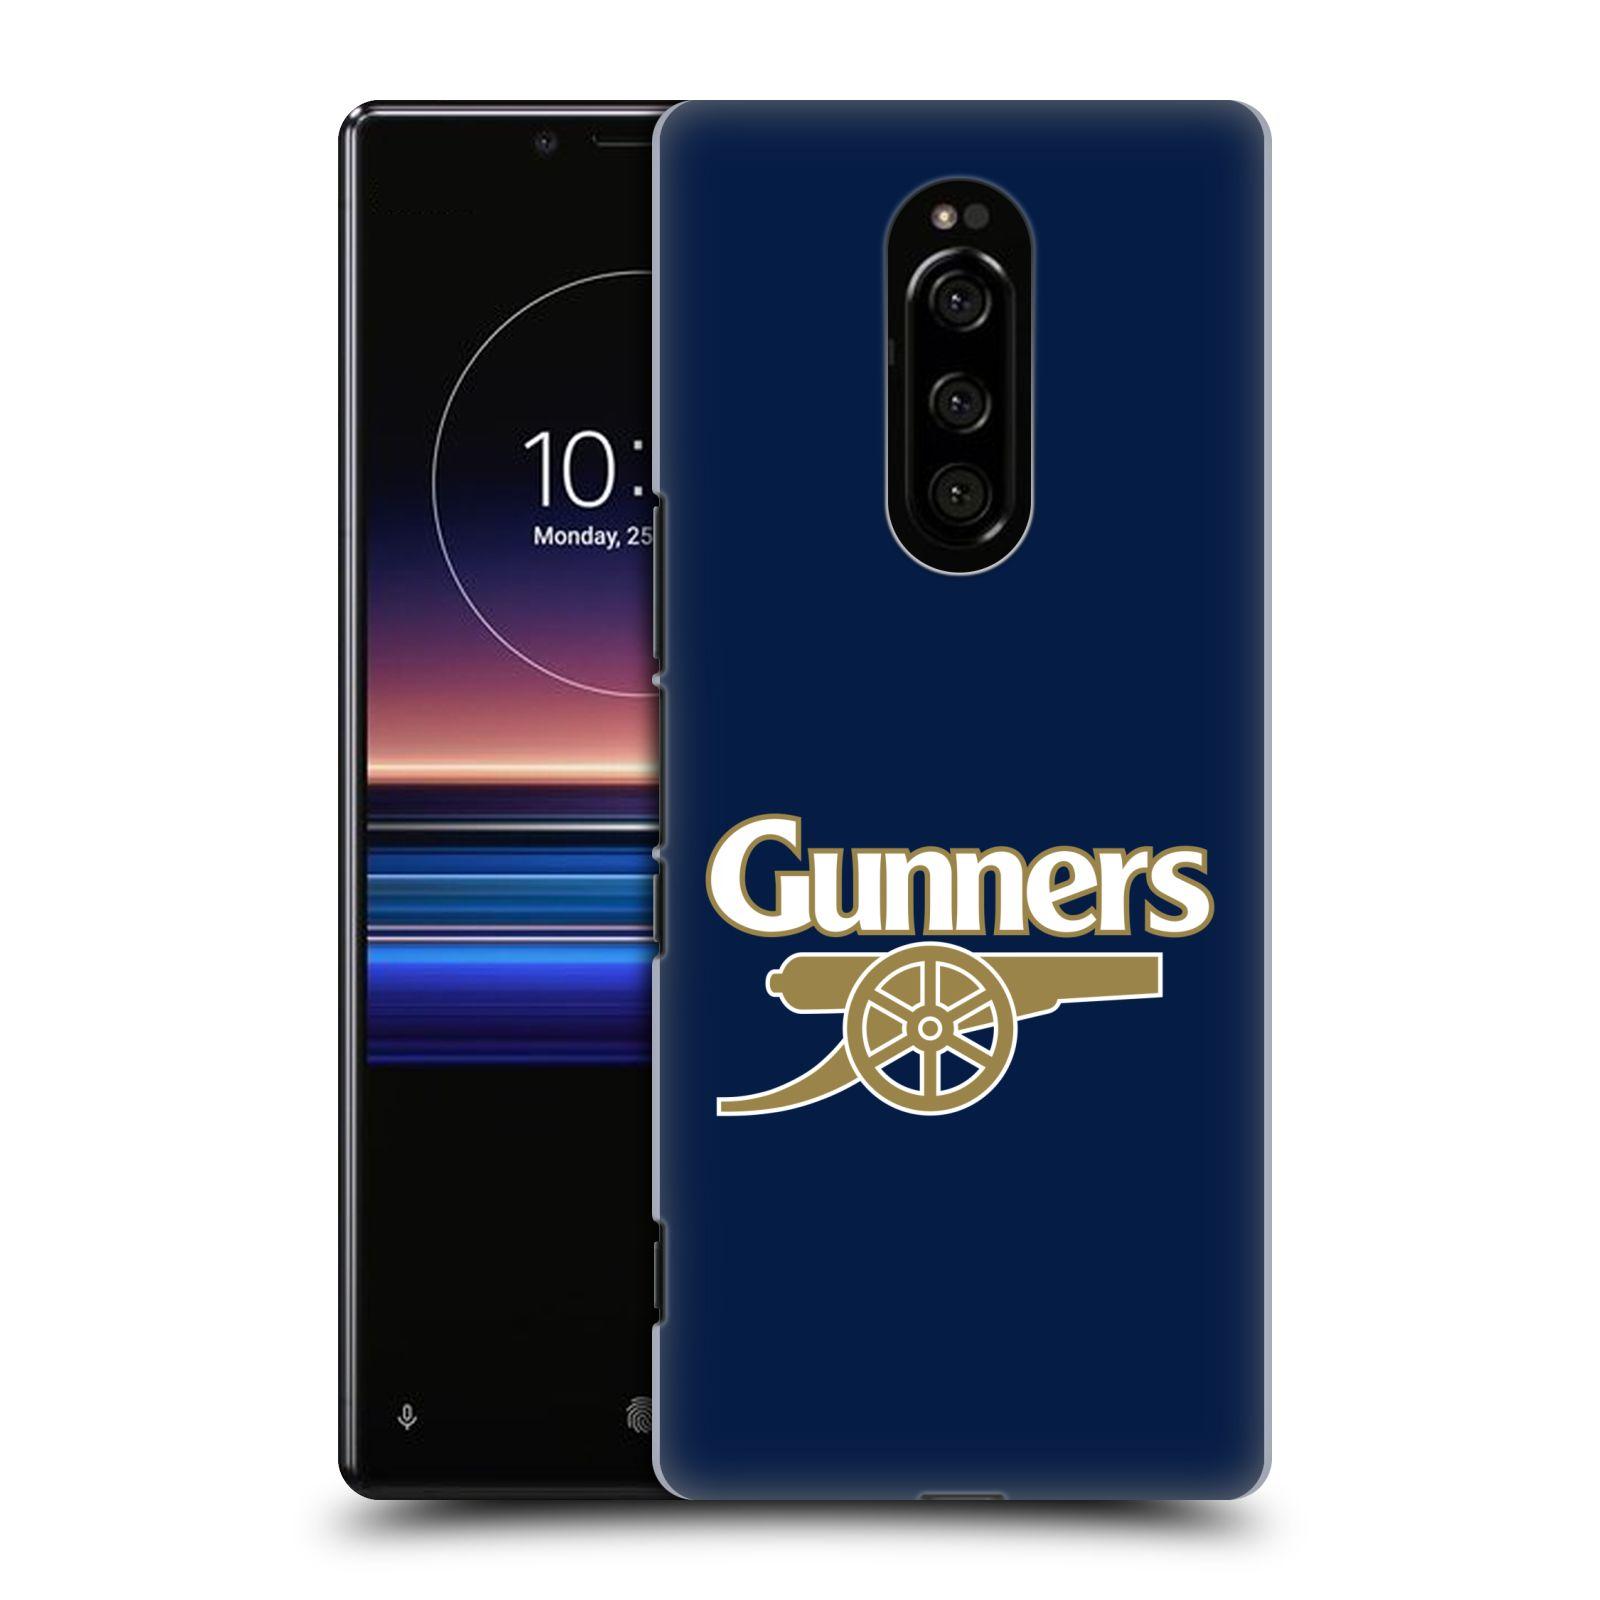 Plastové pouzdro na mobil Sony Xperia 1 - Head Case - Arsenal FC - Gunners